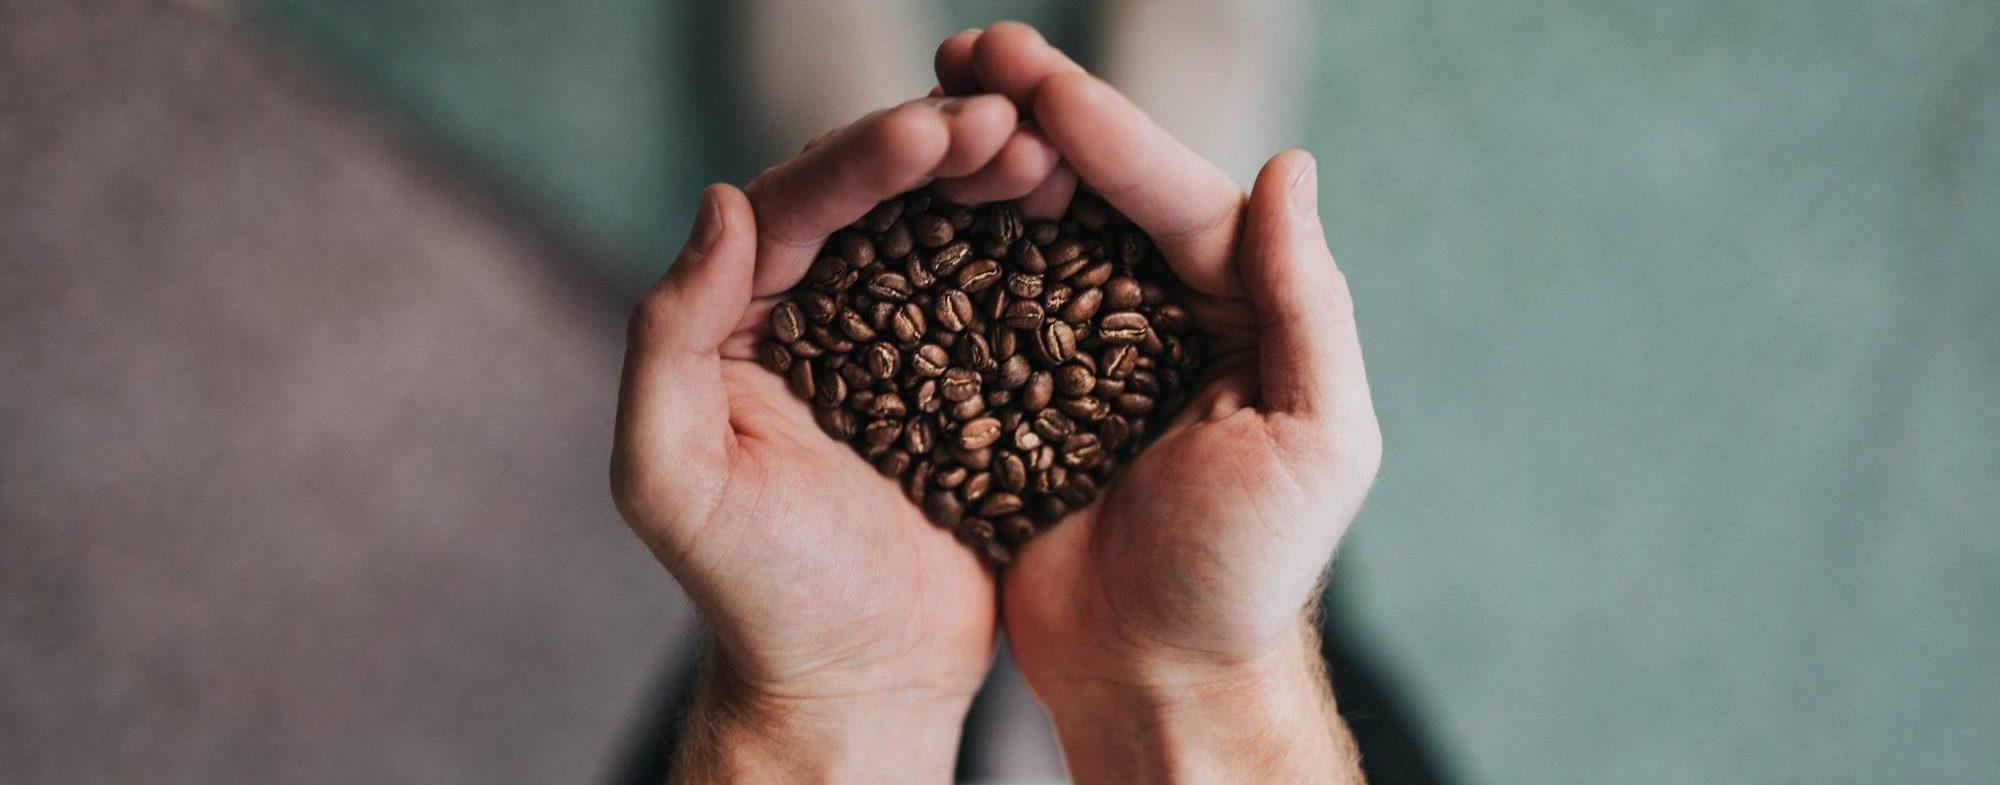 Hände halten Kaffeebohnen